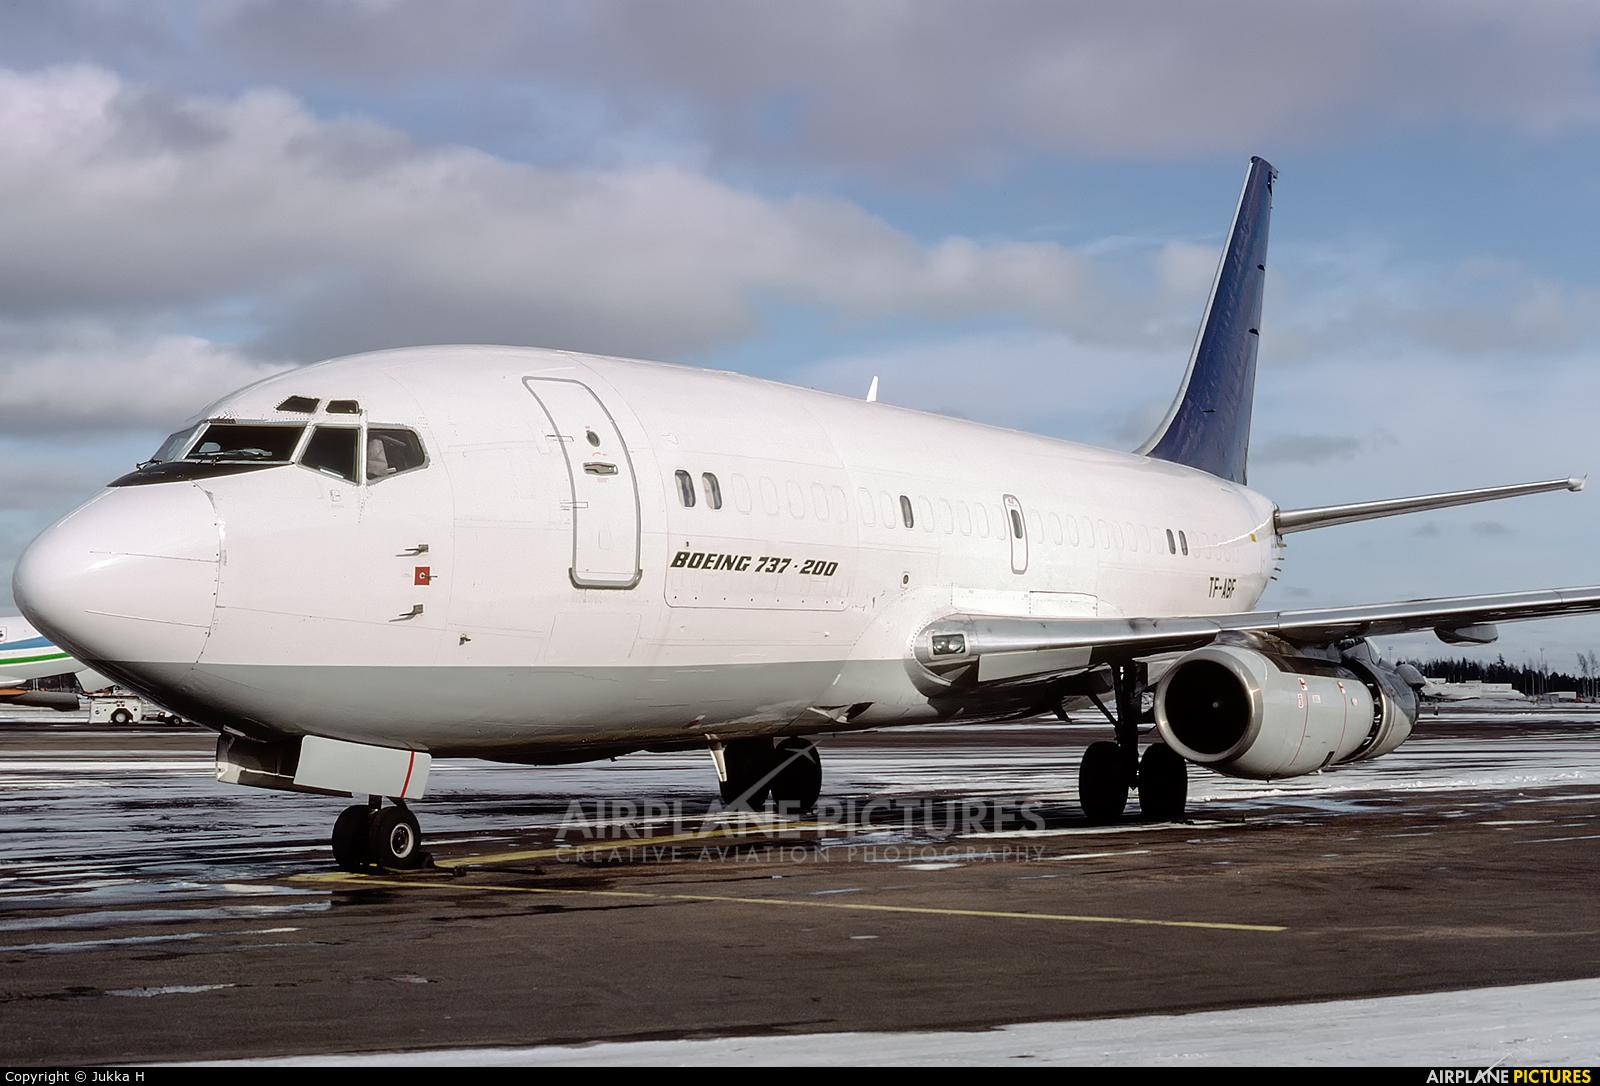 Air Atlanta Cargo TF-ABF aircraft at Helsinki - Vantaa